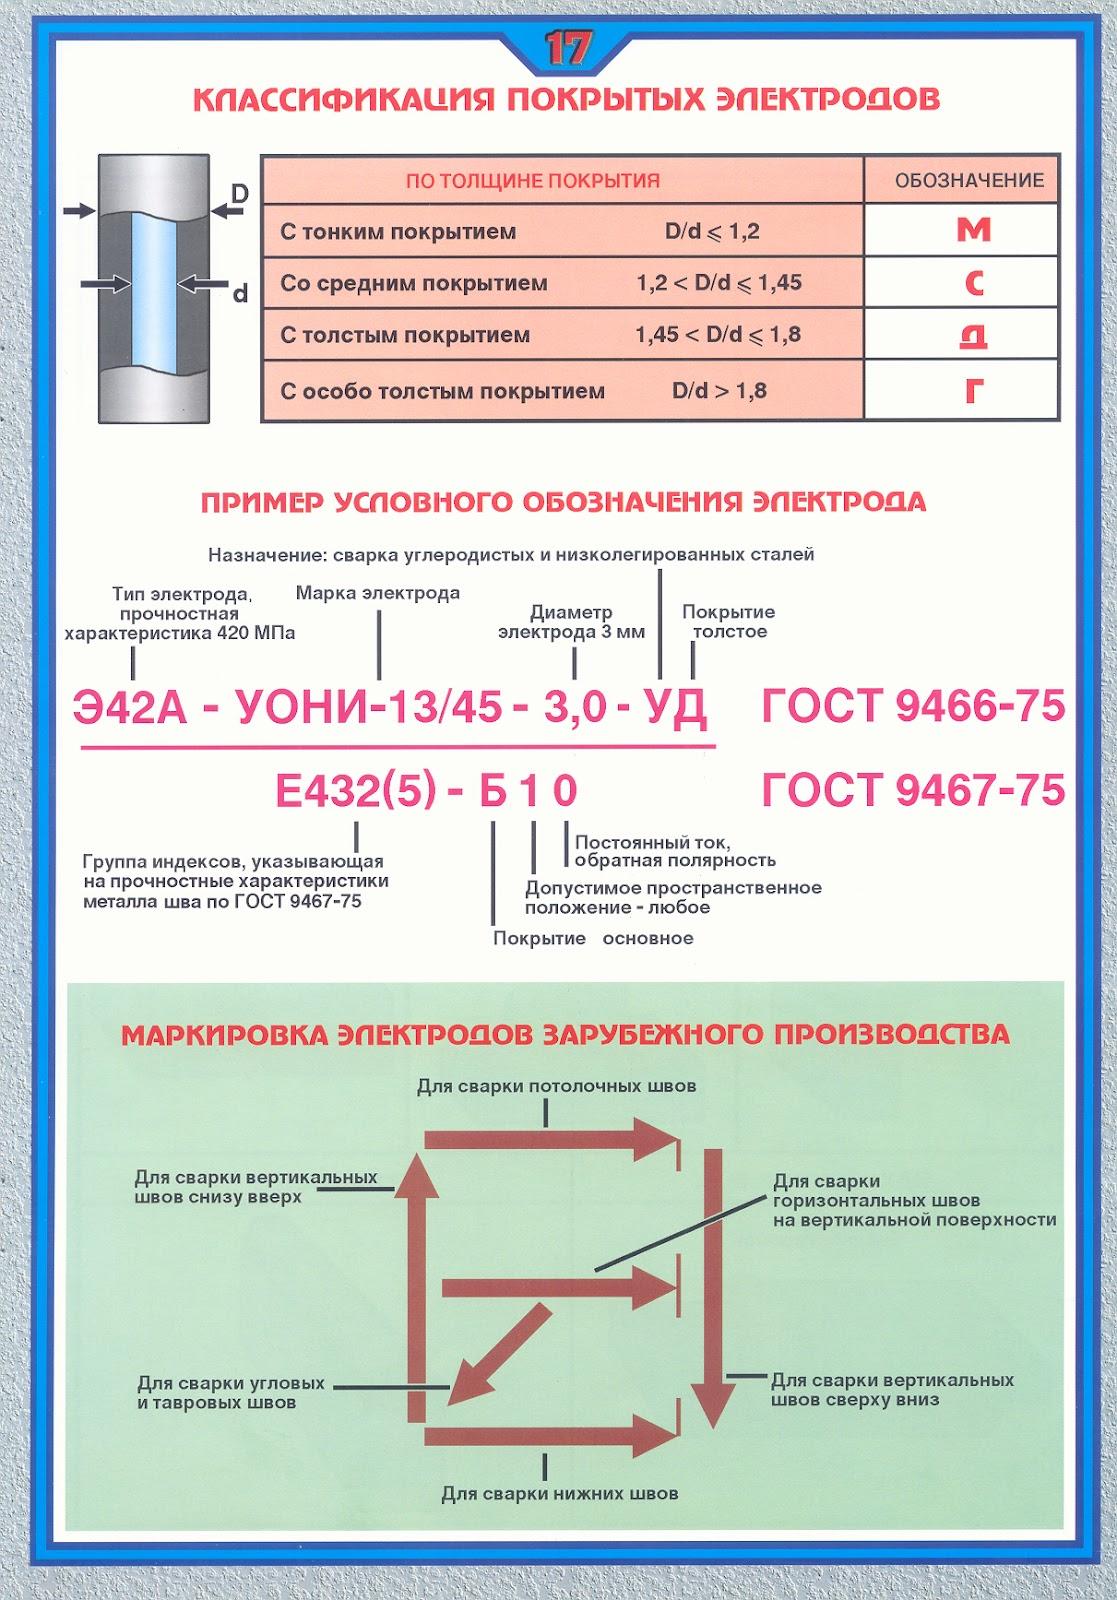 Дипломная работа по сварке образец escarsaiconreaure Разработан и изготовлен экспериментальный образец сварочного инвертора начального уровня со следующими параметрами Дипломная работа на тему сварка отвода